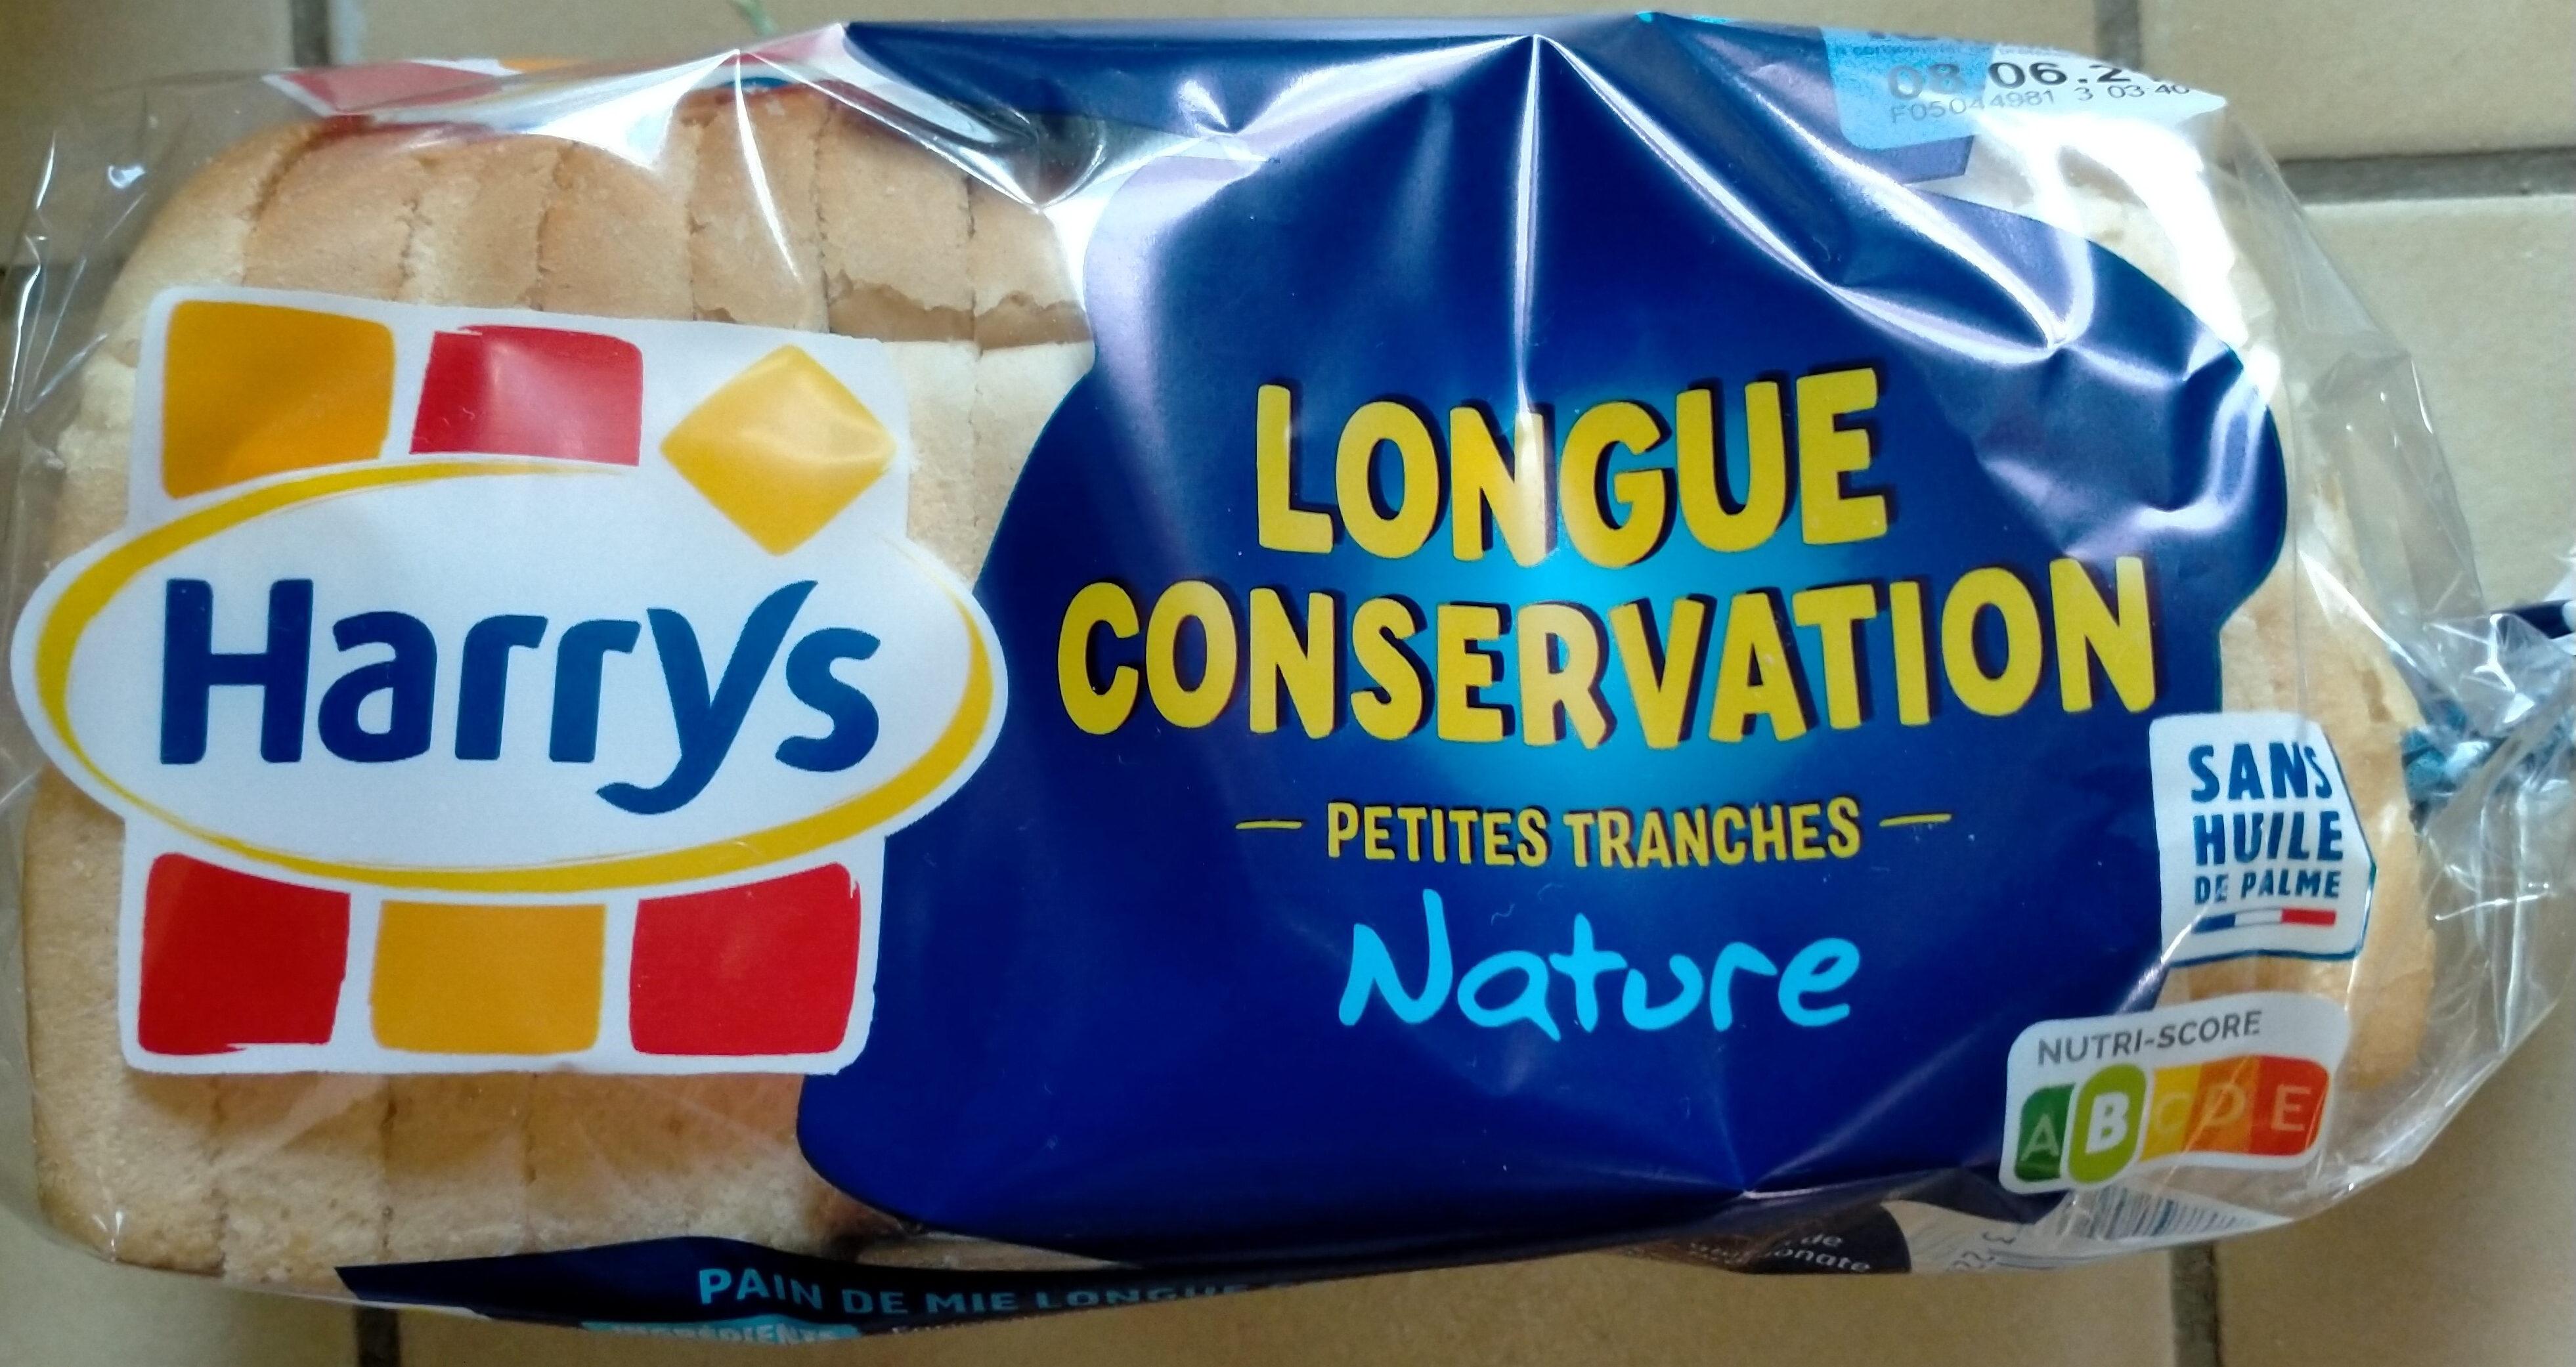 Harrys pain de mie longue conservation nature - Product - fr